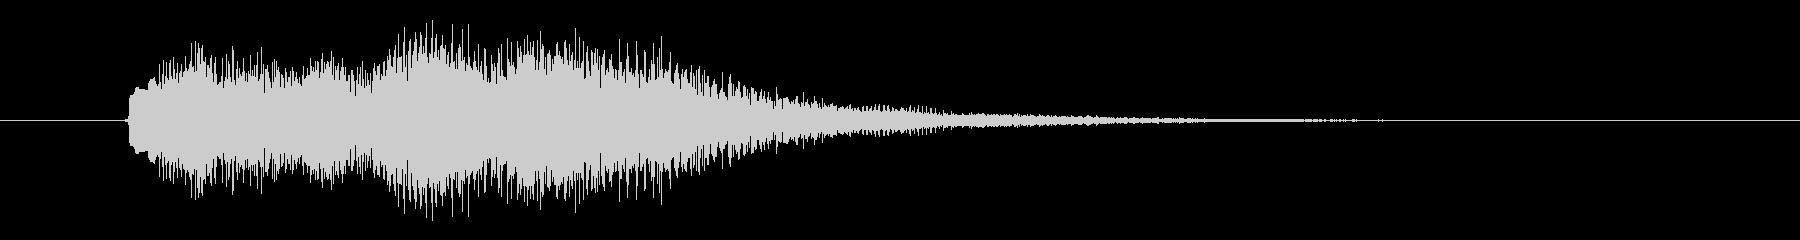 ピロンロンロン(なめらかなお知らせ音)の未再生の波形